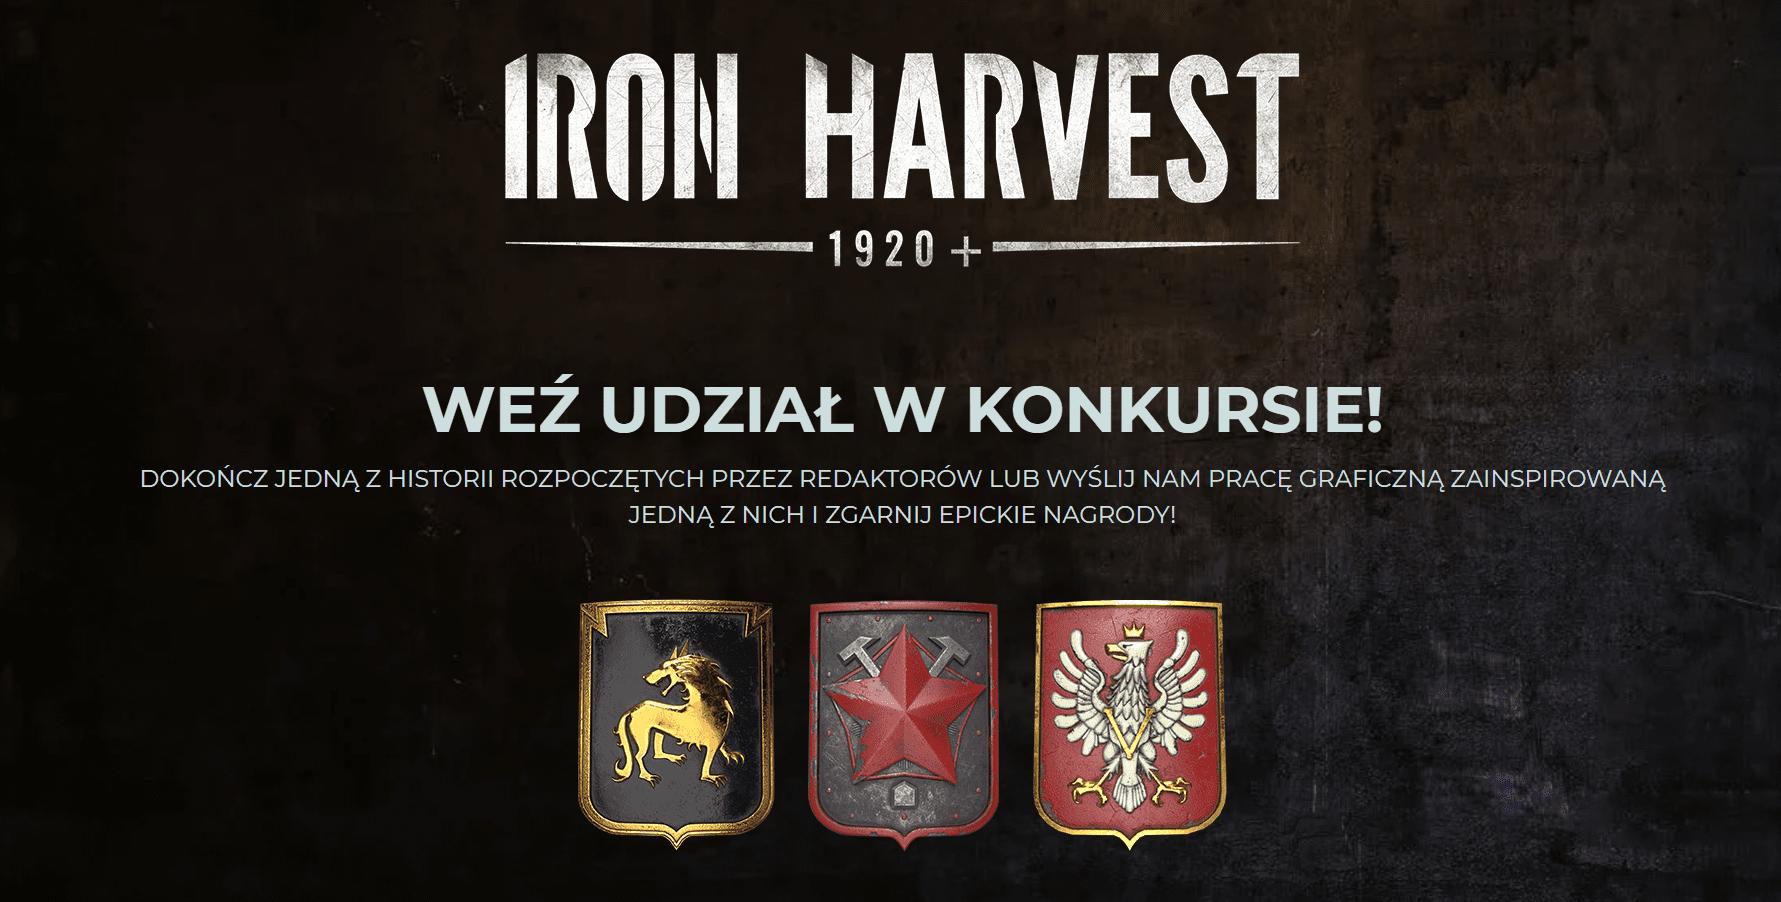 Konkurs Iron Harvest oraz iiyama na GRY-OnLine.pl